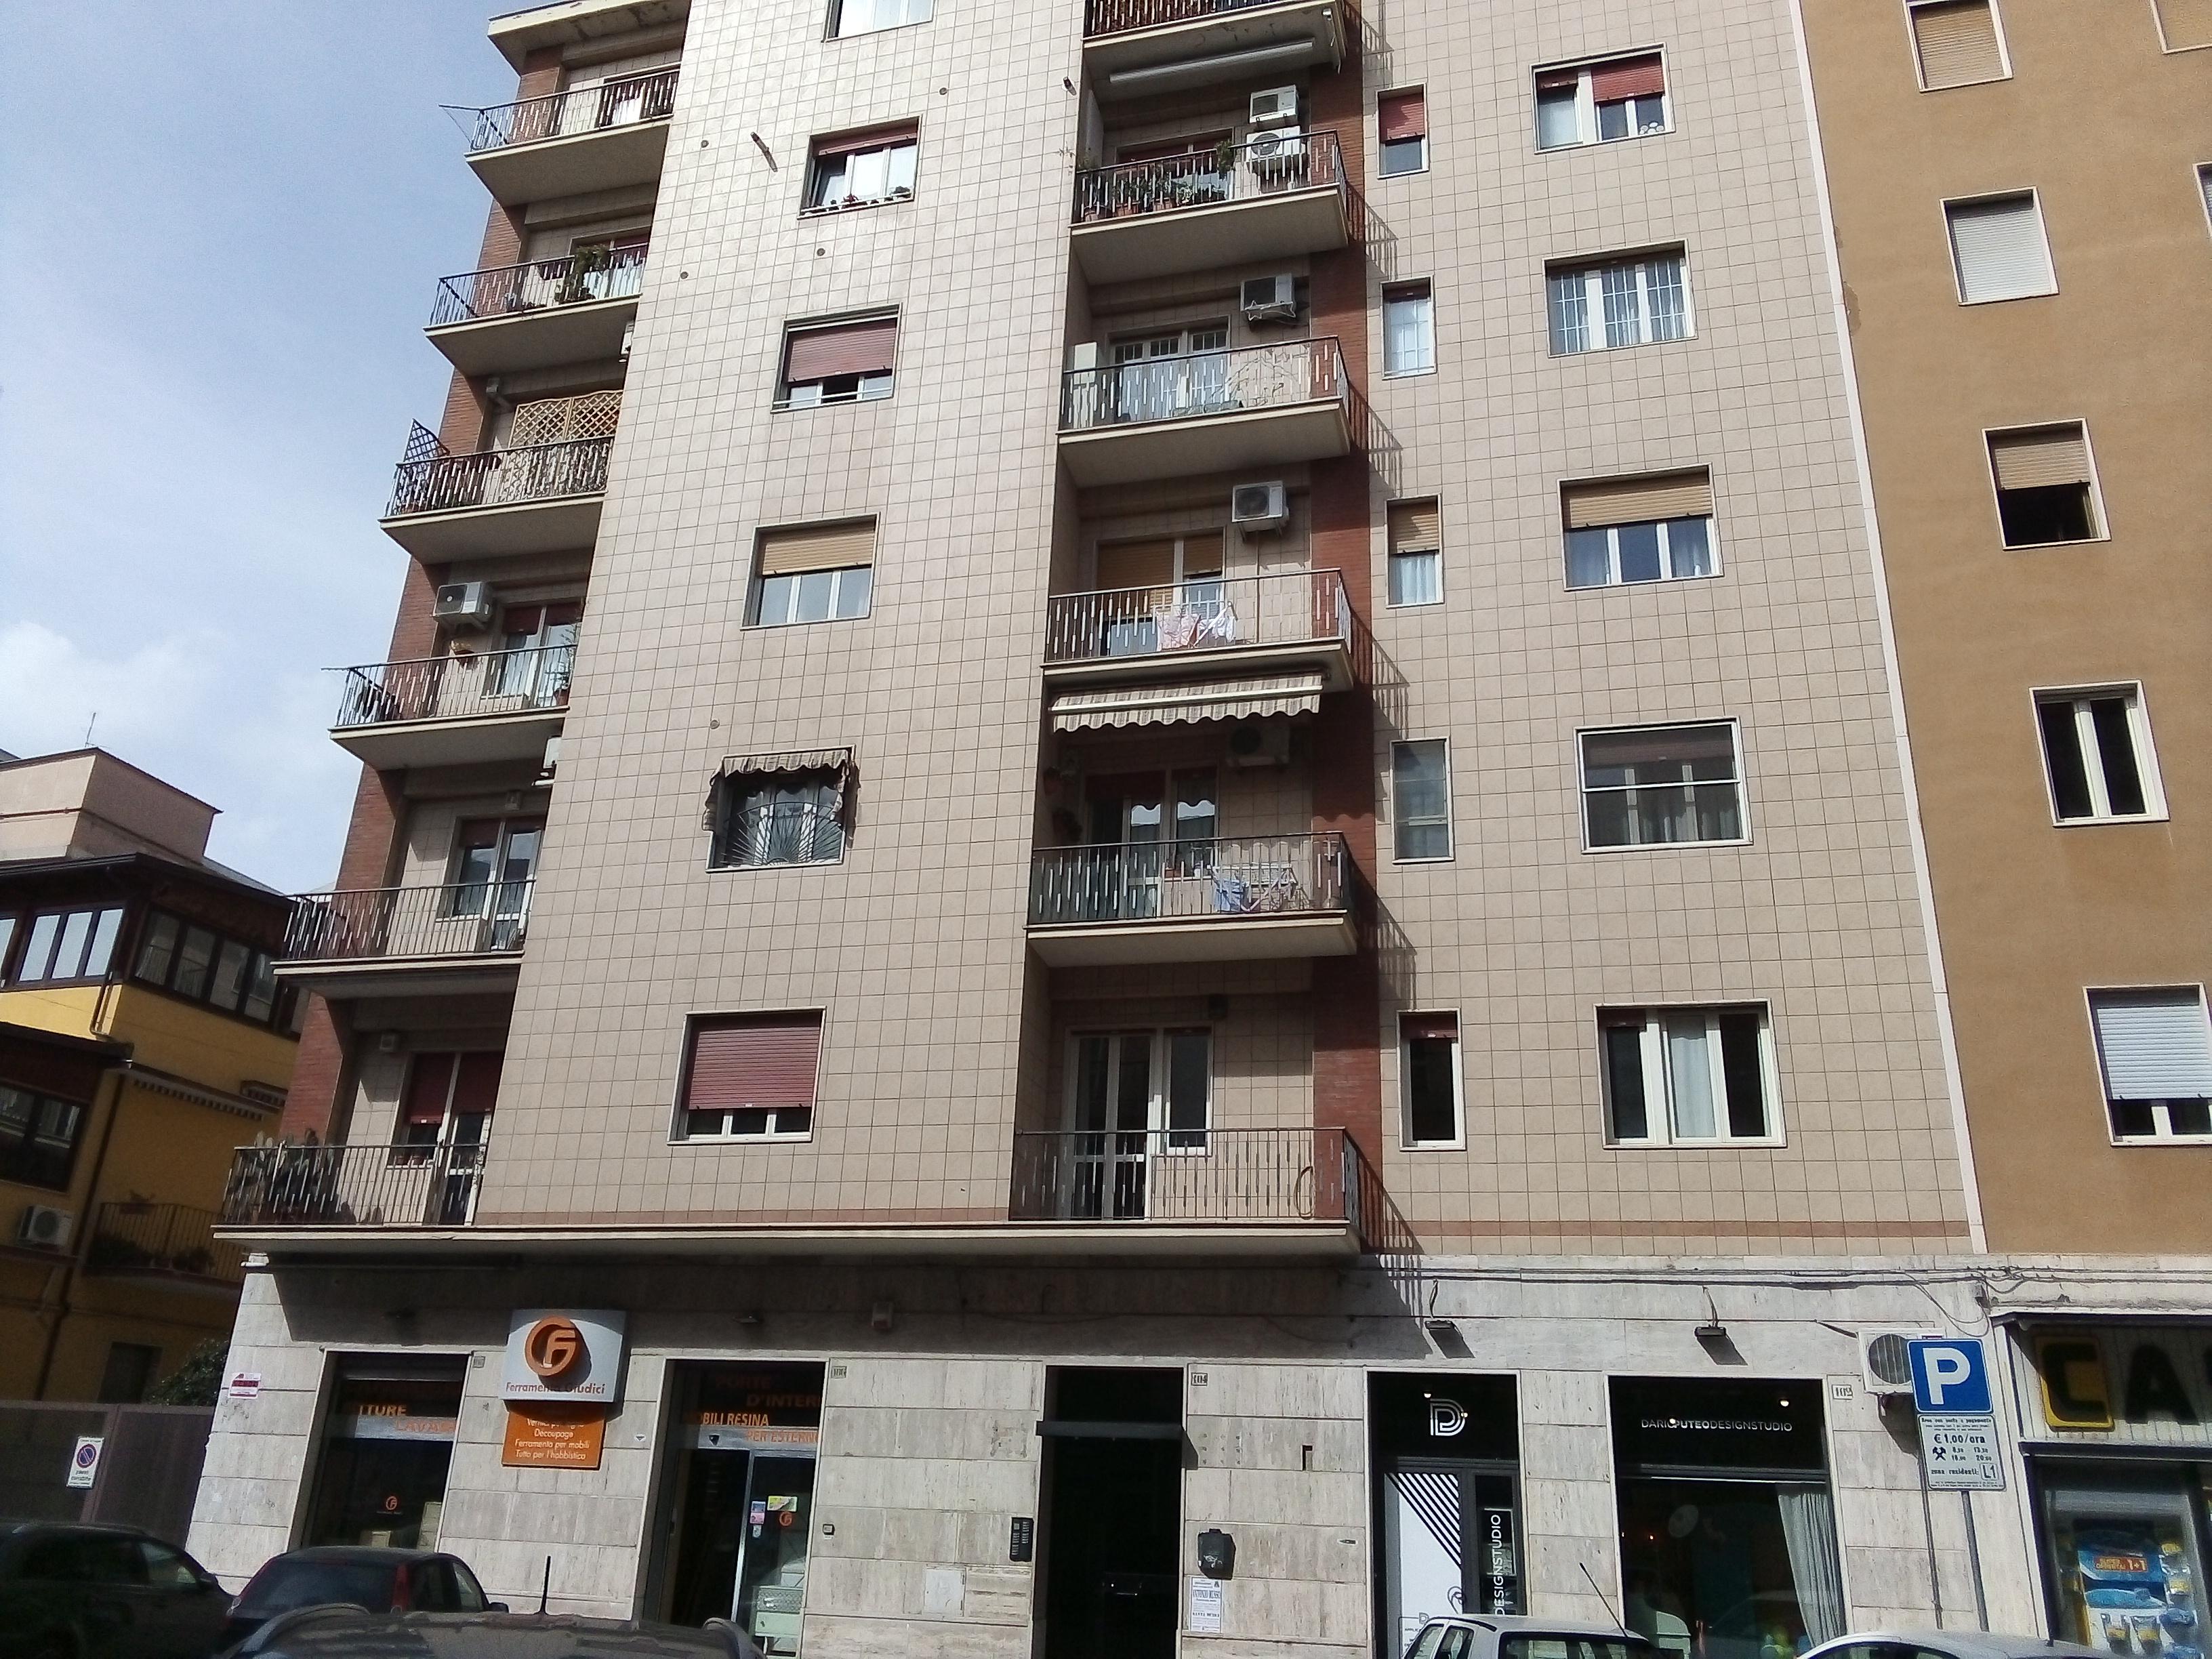 Appartamenti in vendita a Foggia- Via Vittime Civili 3 vani accessori ristrutturato